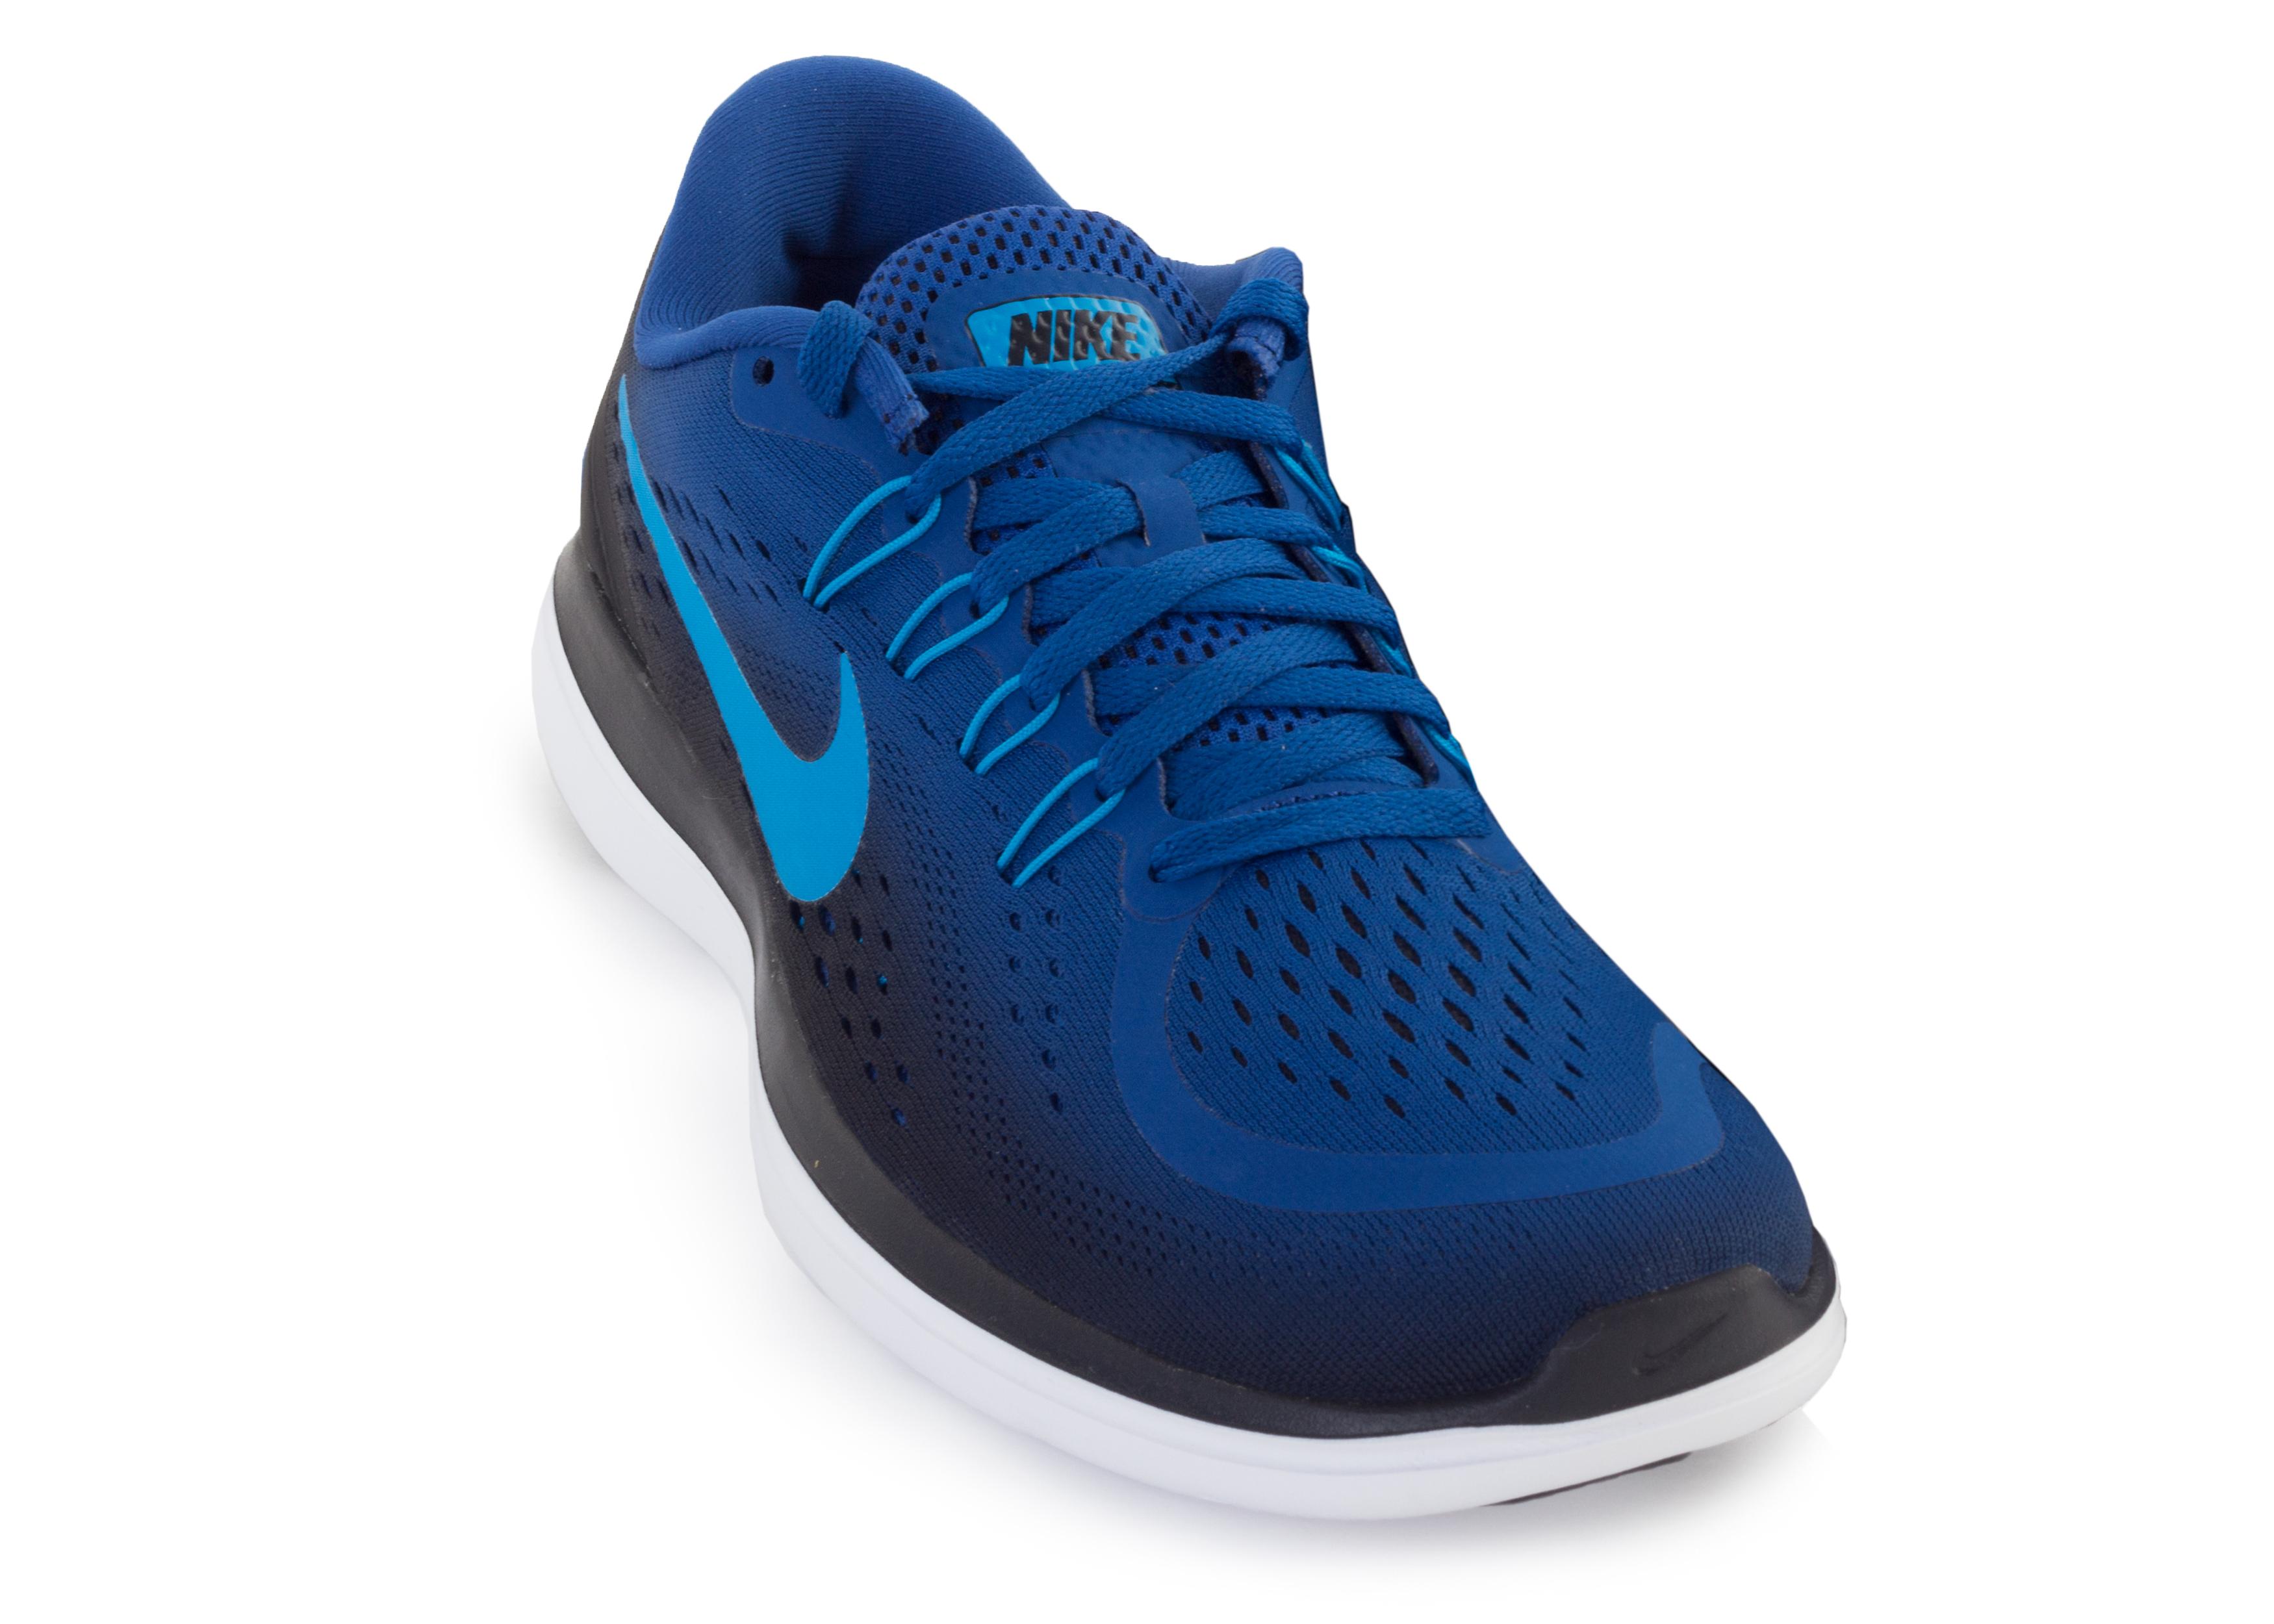 b5a548ca4 Кроссовки мужские Nike Flex RN 2017 - Сеть спортивных магазинов Чемпион